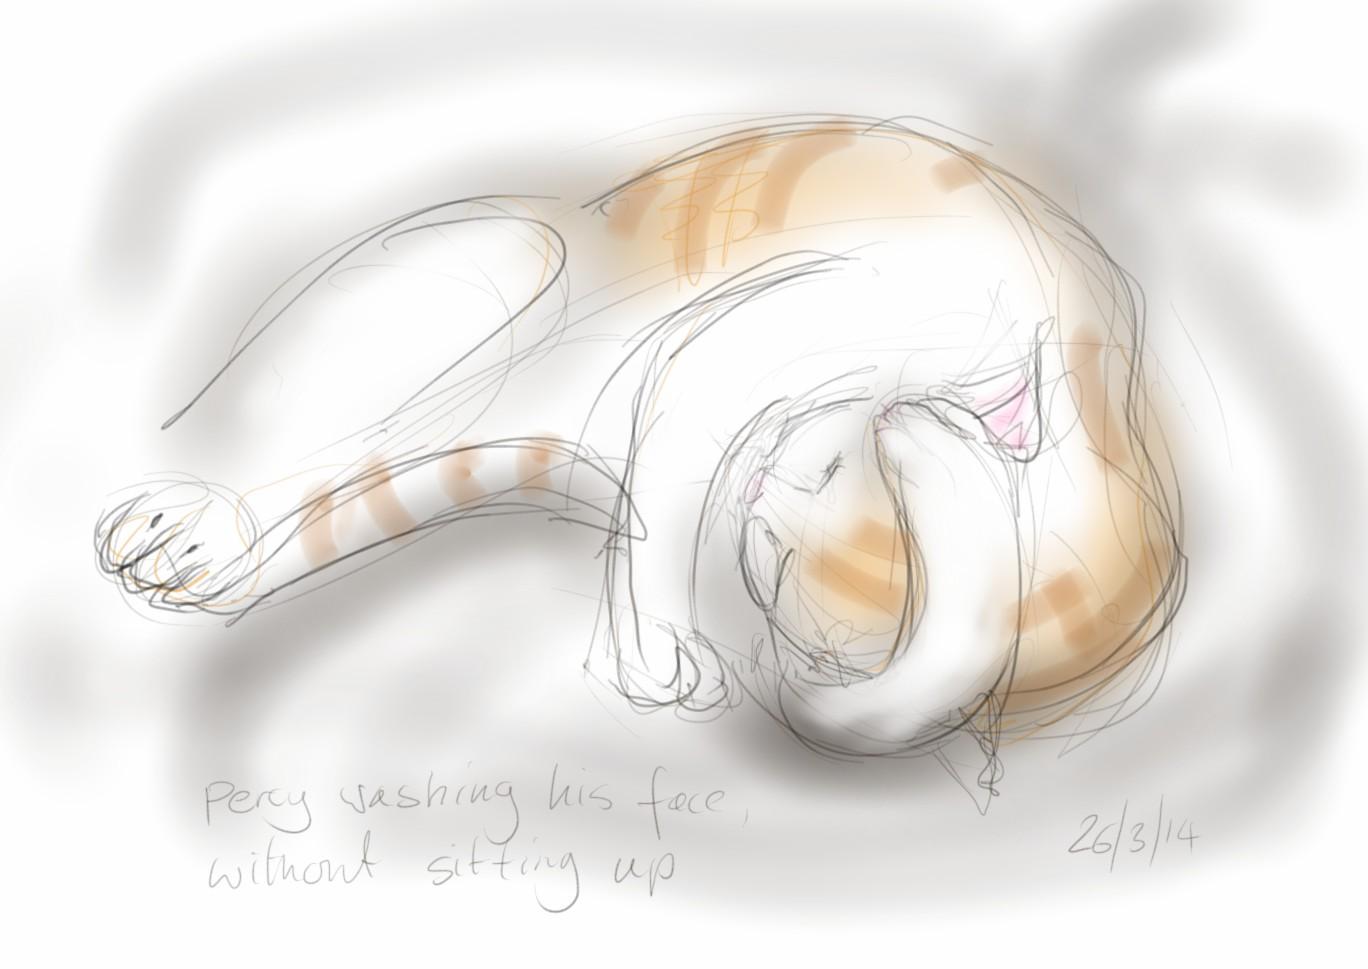 Cat washing - sketch